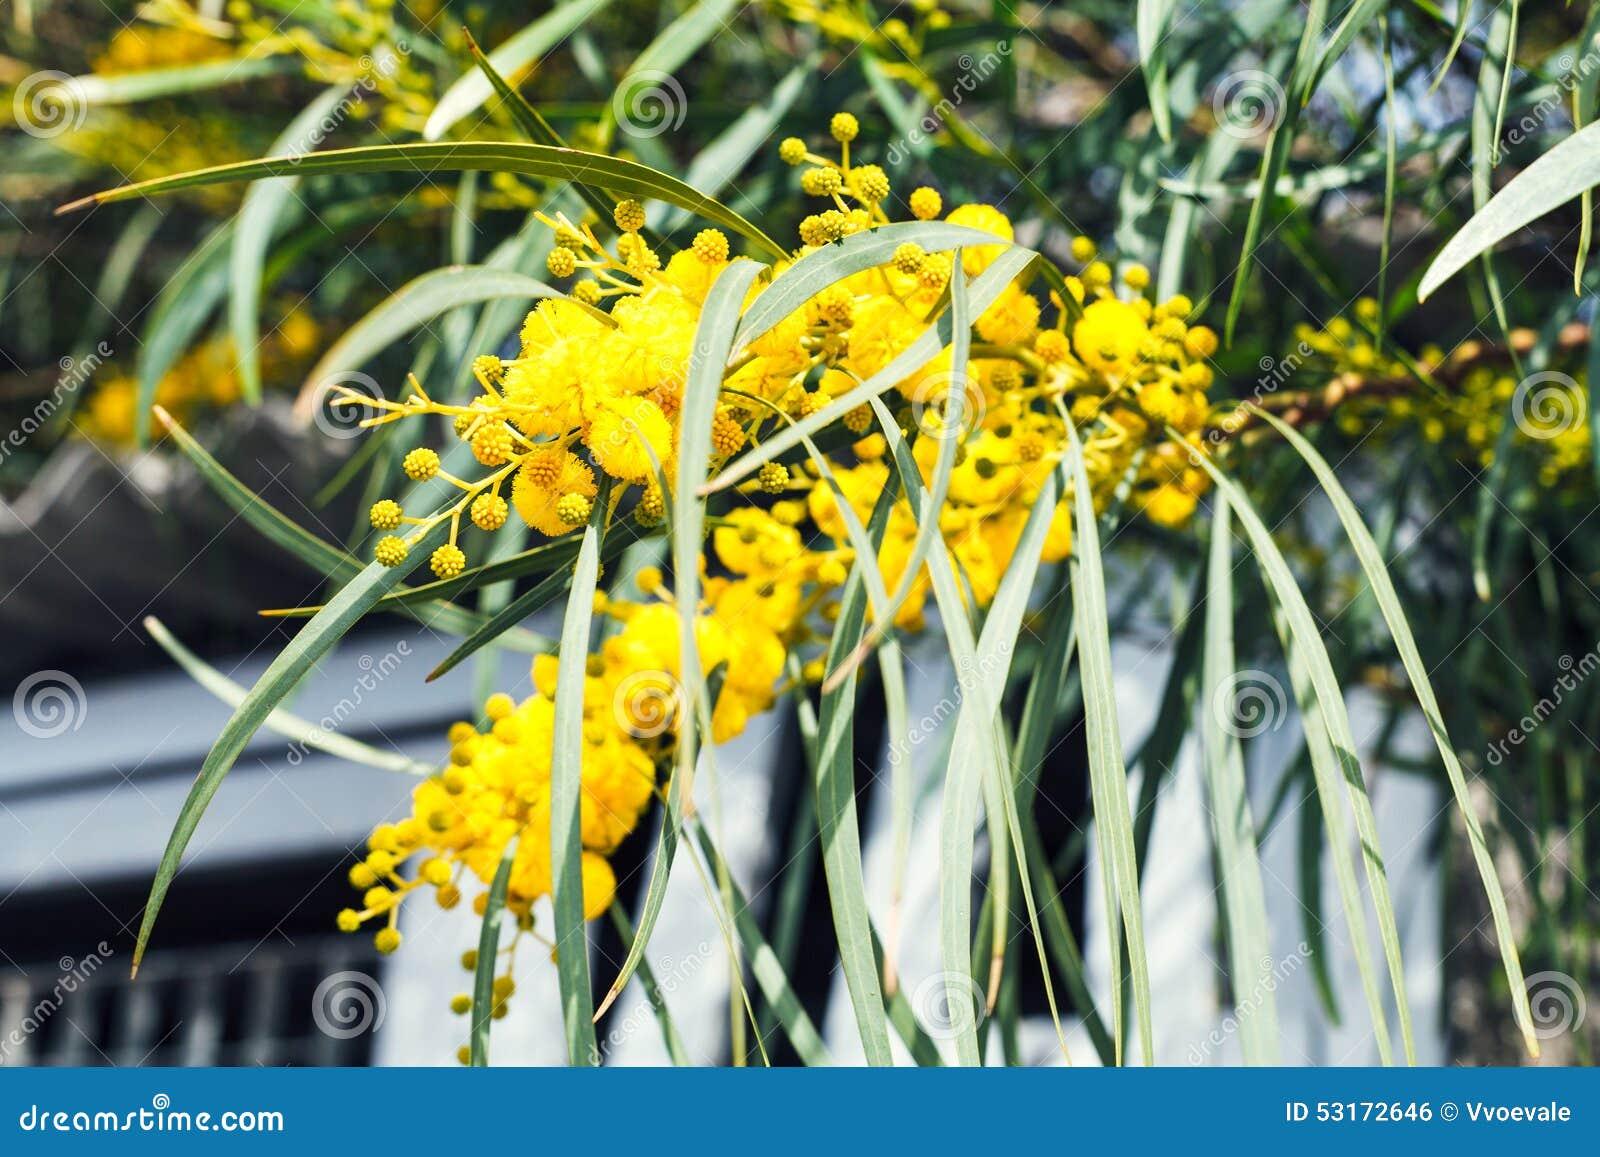 Fleur Jaune De Fin D Arbre D Acacia Au Printemps Photo Stock Image